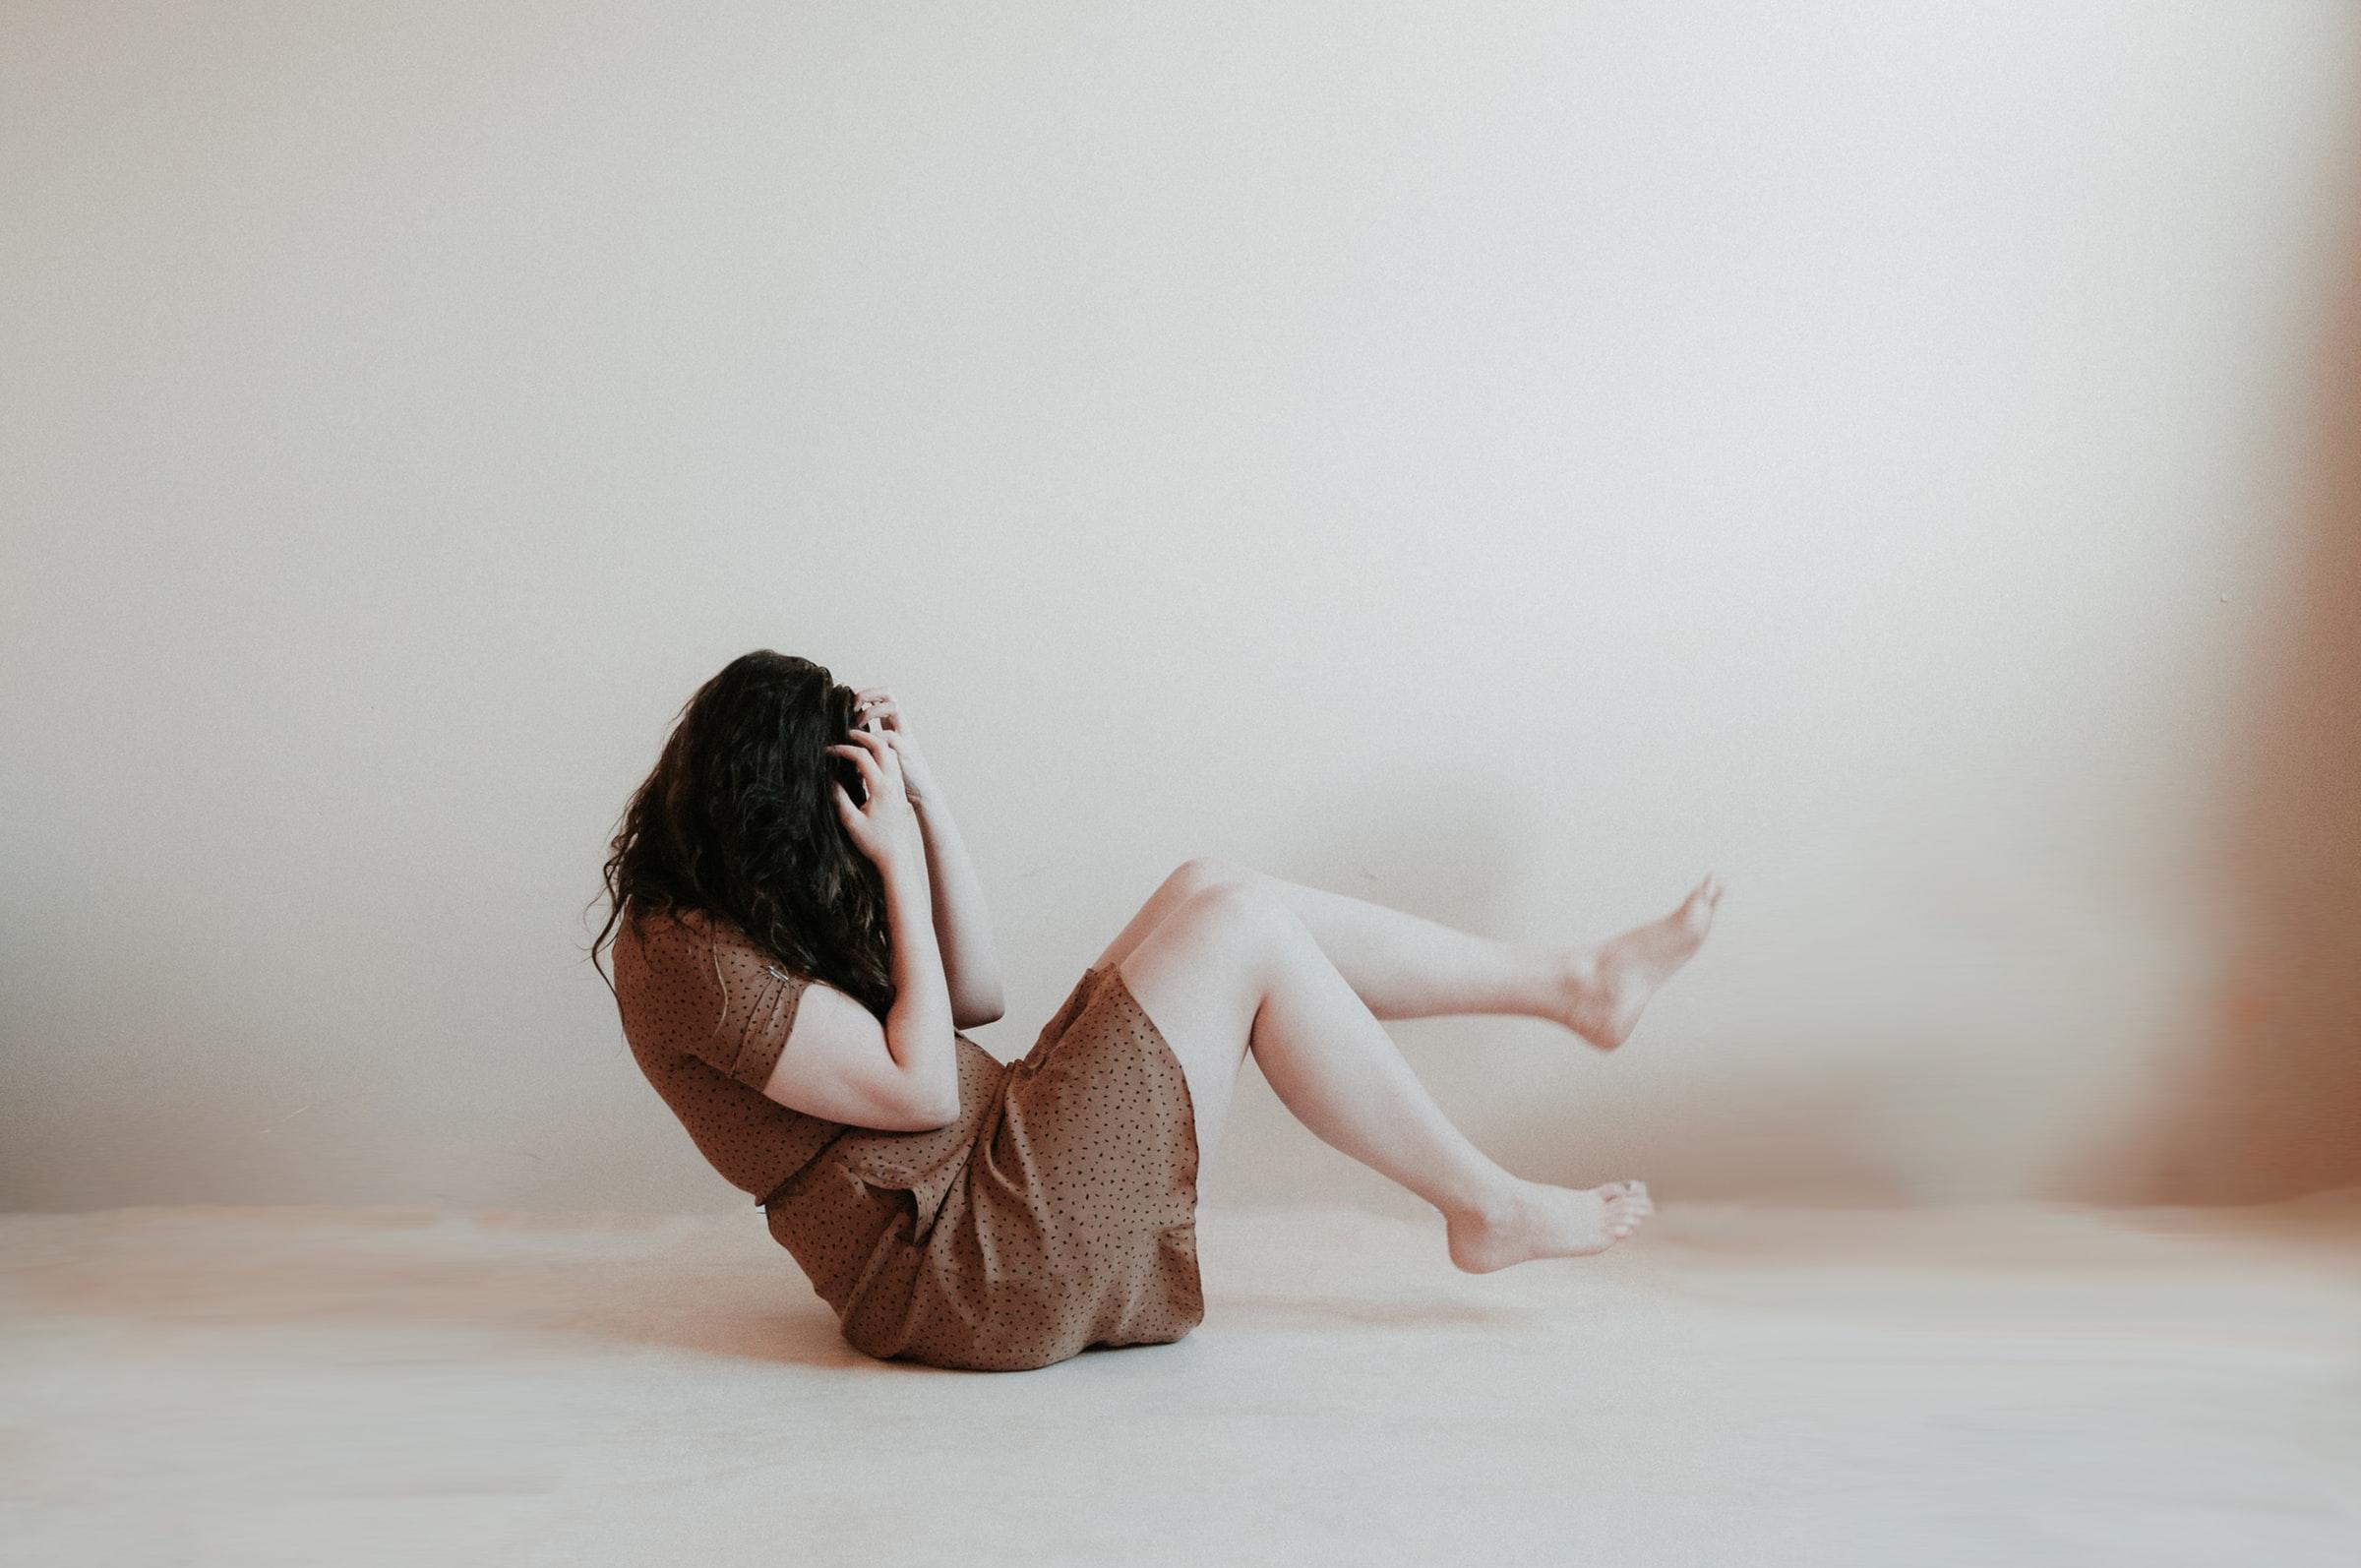 преодолеть тревожность, рецепт от депрессии, причины тревожности